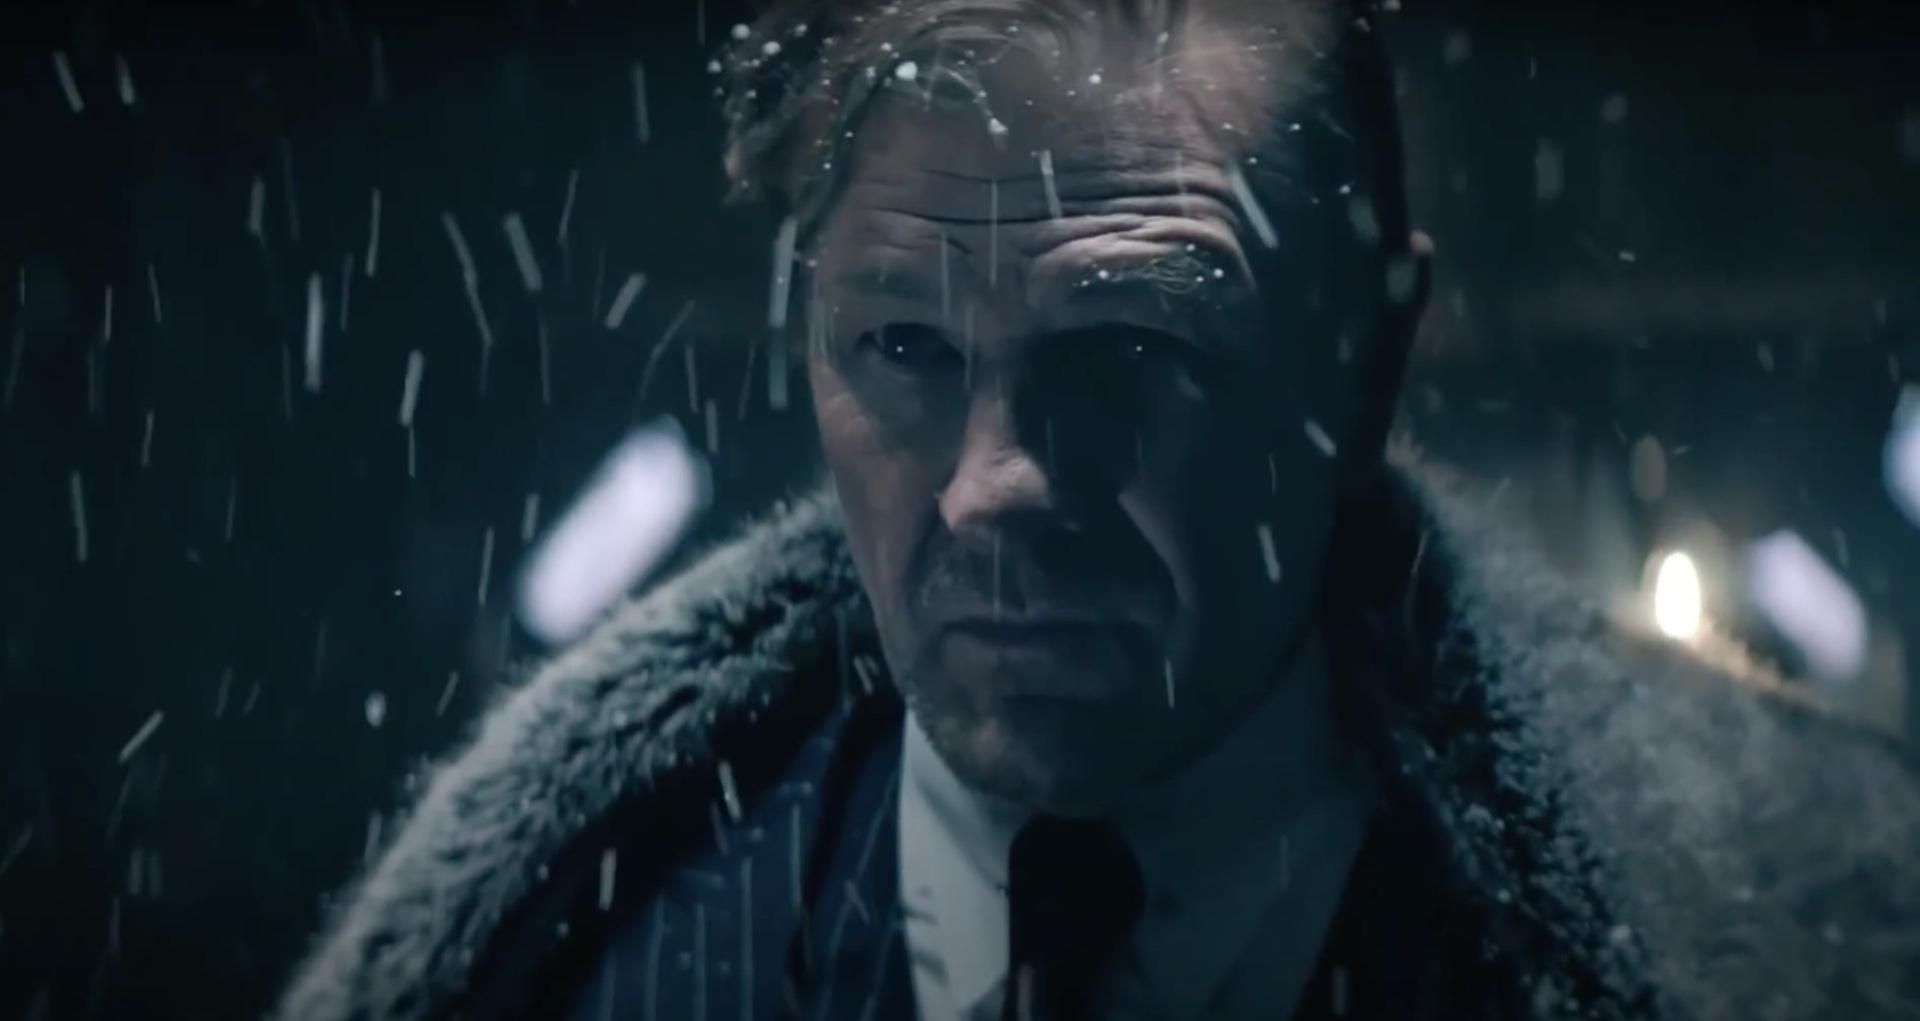 Snowpiercer Latest Trailer Promises Cold Harsh Reality